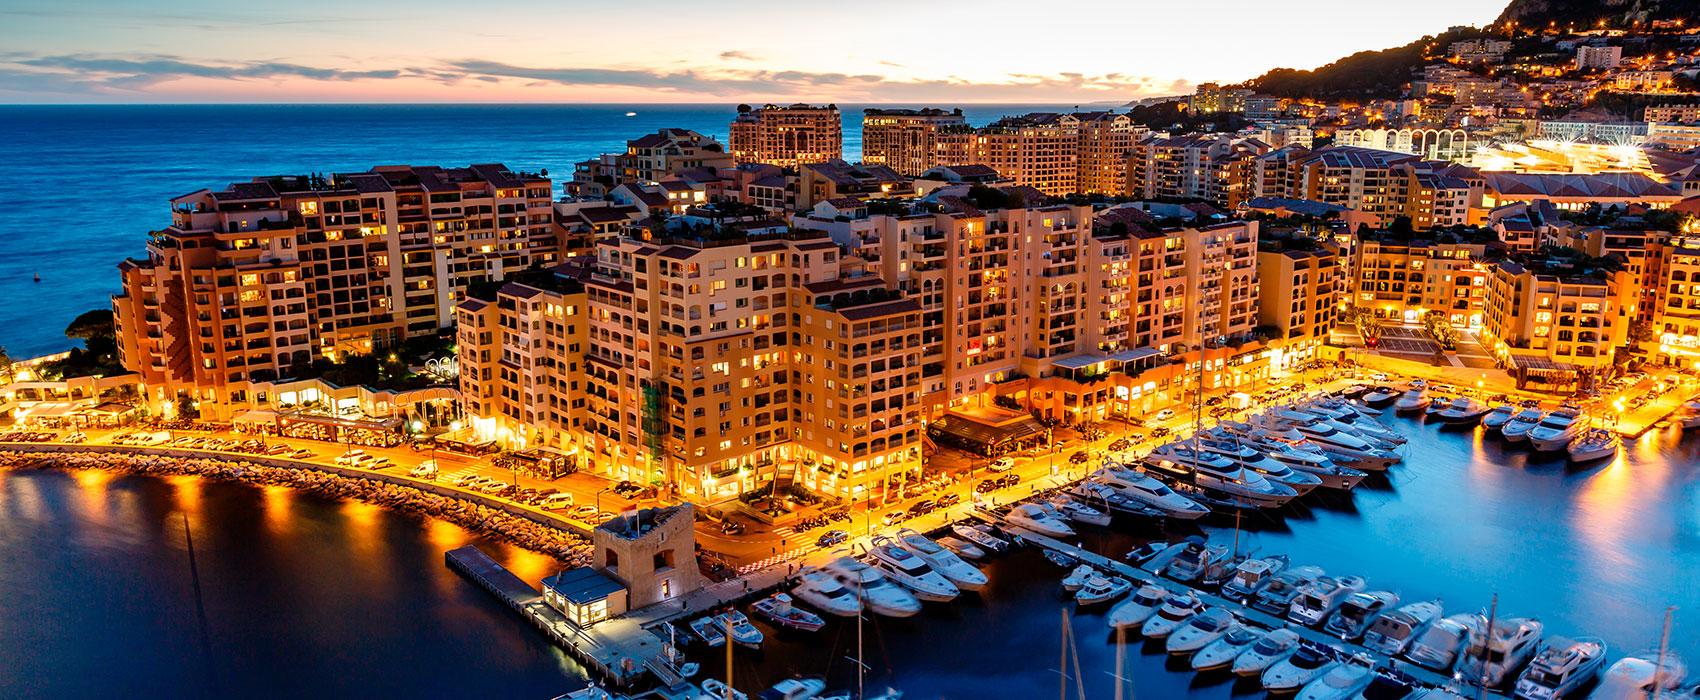 Desire Monte Carlo Cruise | September 2019